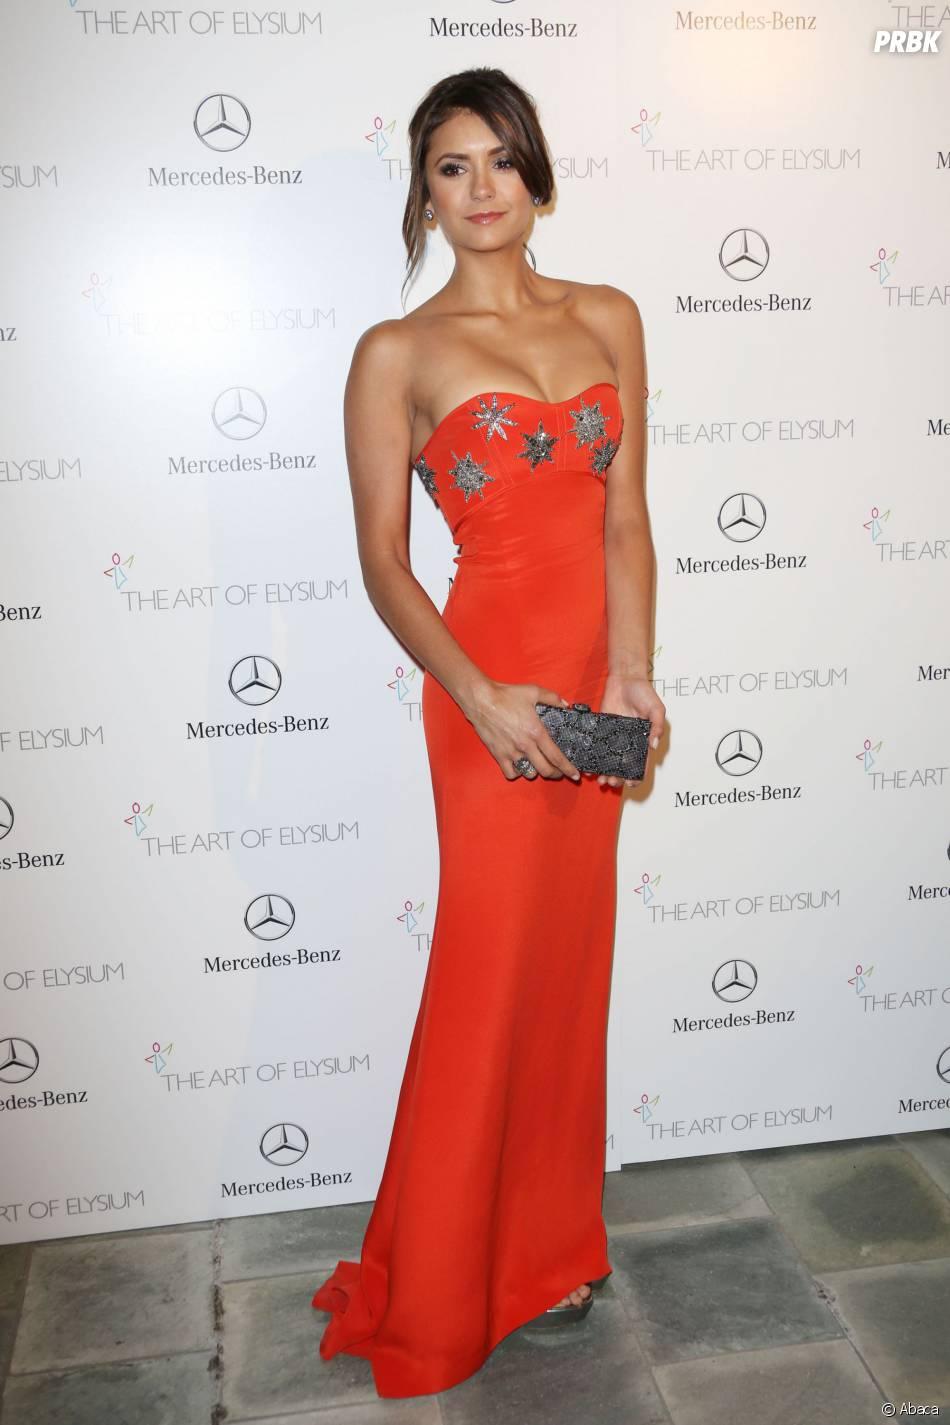 Nina Dobrev décolletée et élégante à l'Art of Elyisum Heaven Gala, le 11 janvier 2014 à Los Angeles